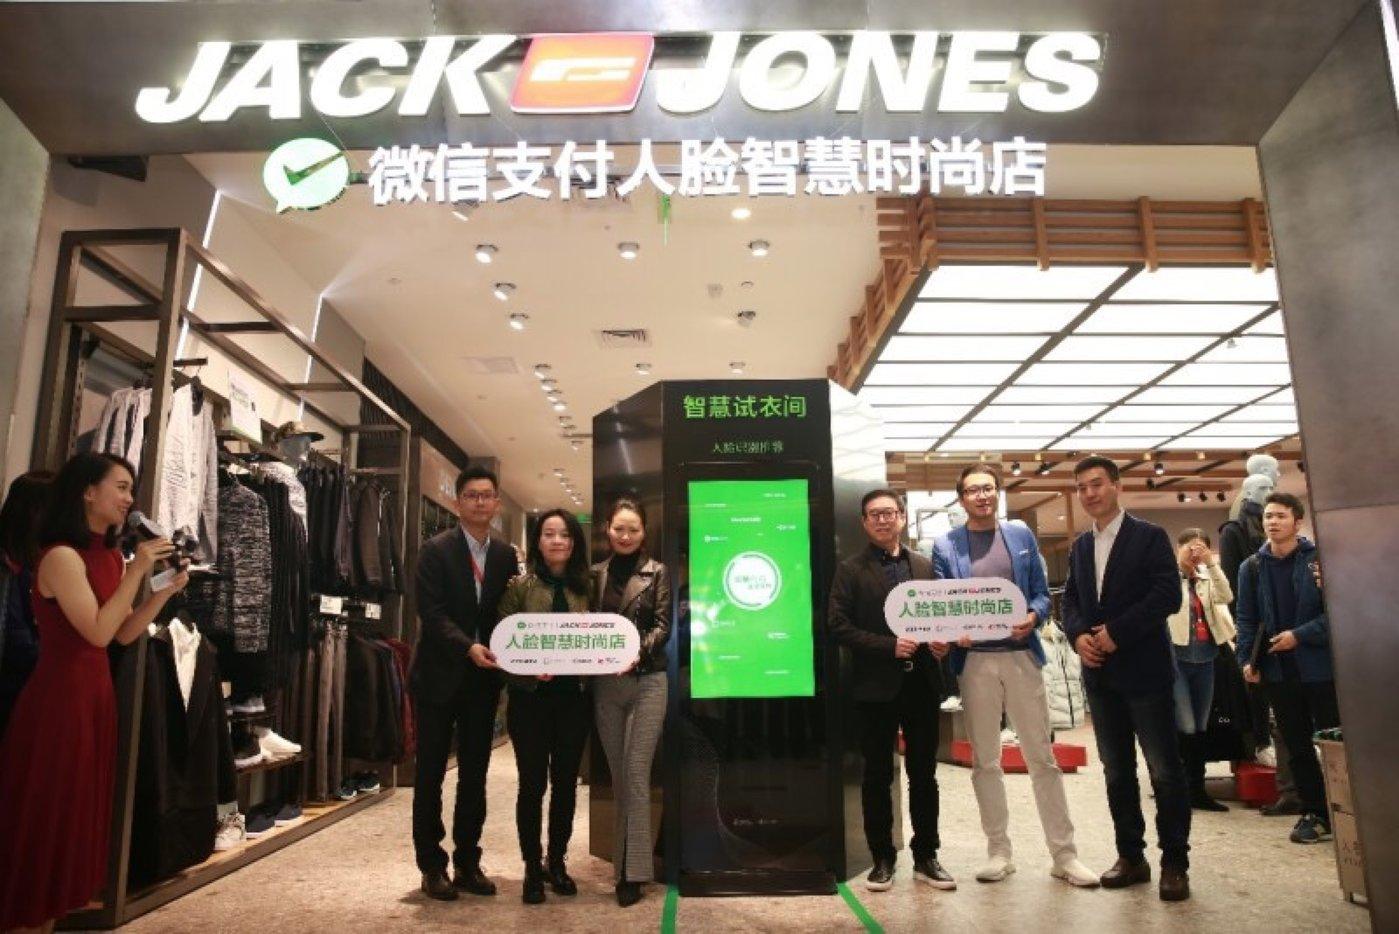 杰克琼斯与腾讯合作,推出人脸识别智慧试衣间